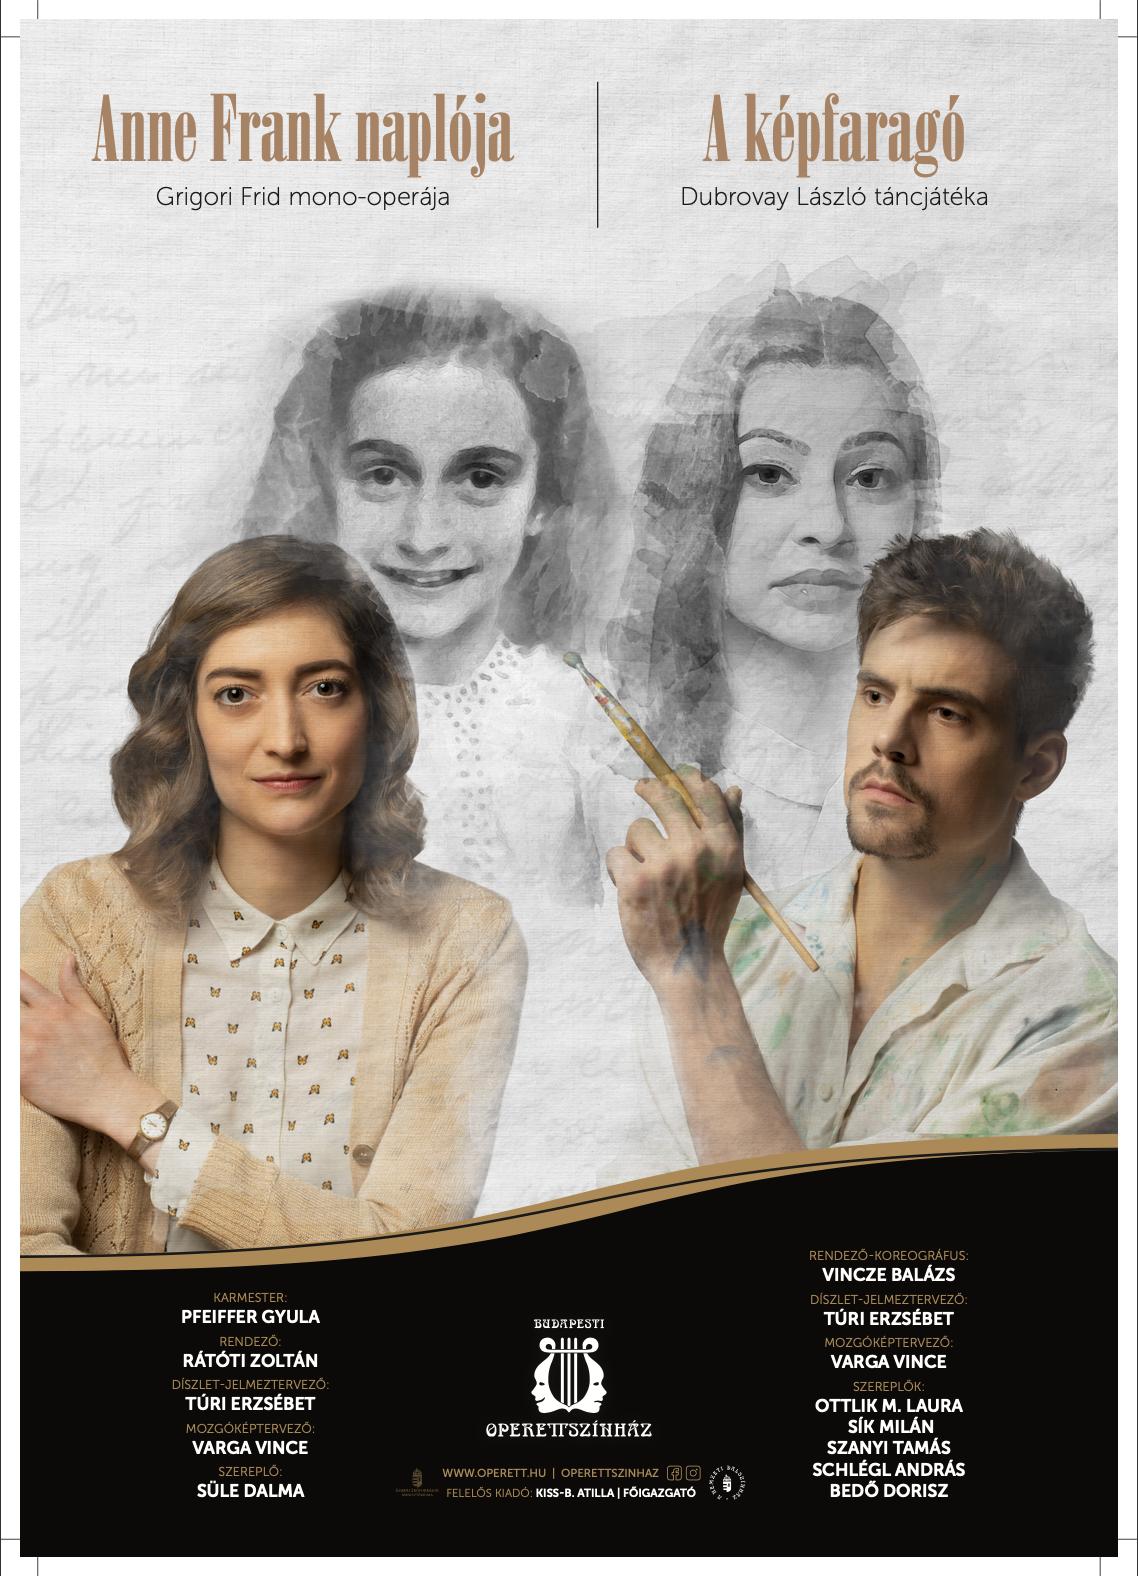 Anne Frank Naplója & A képfaragó /Operettszínház/